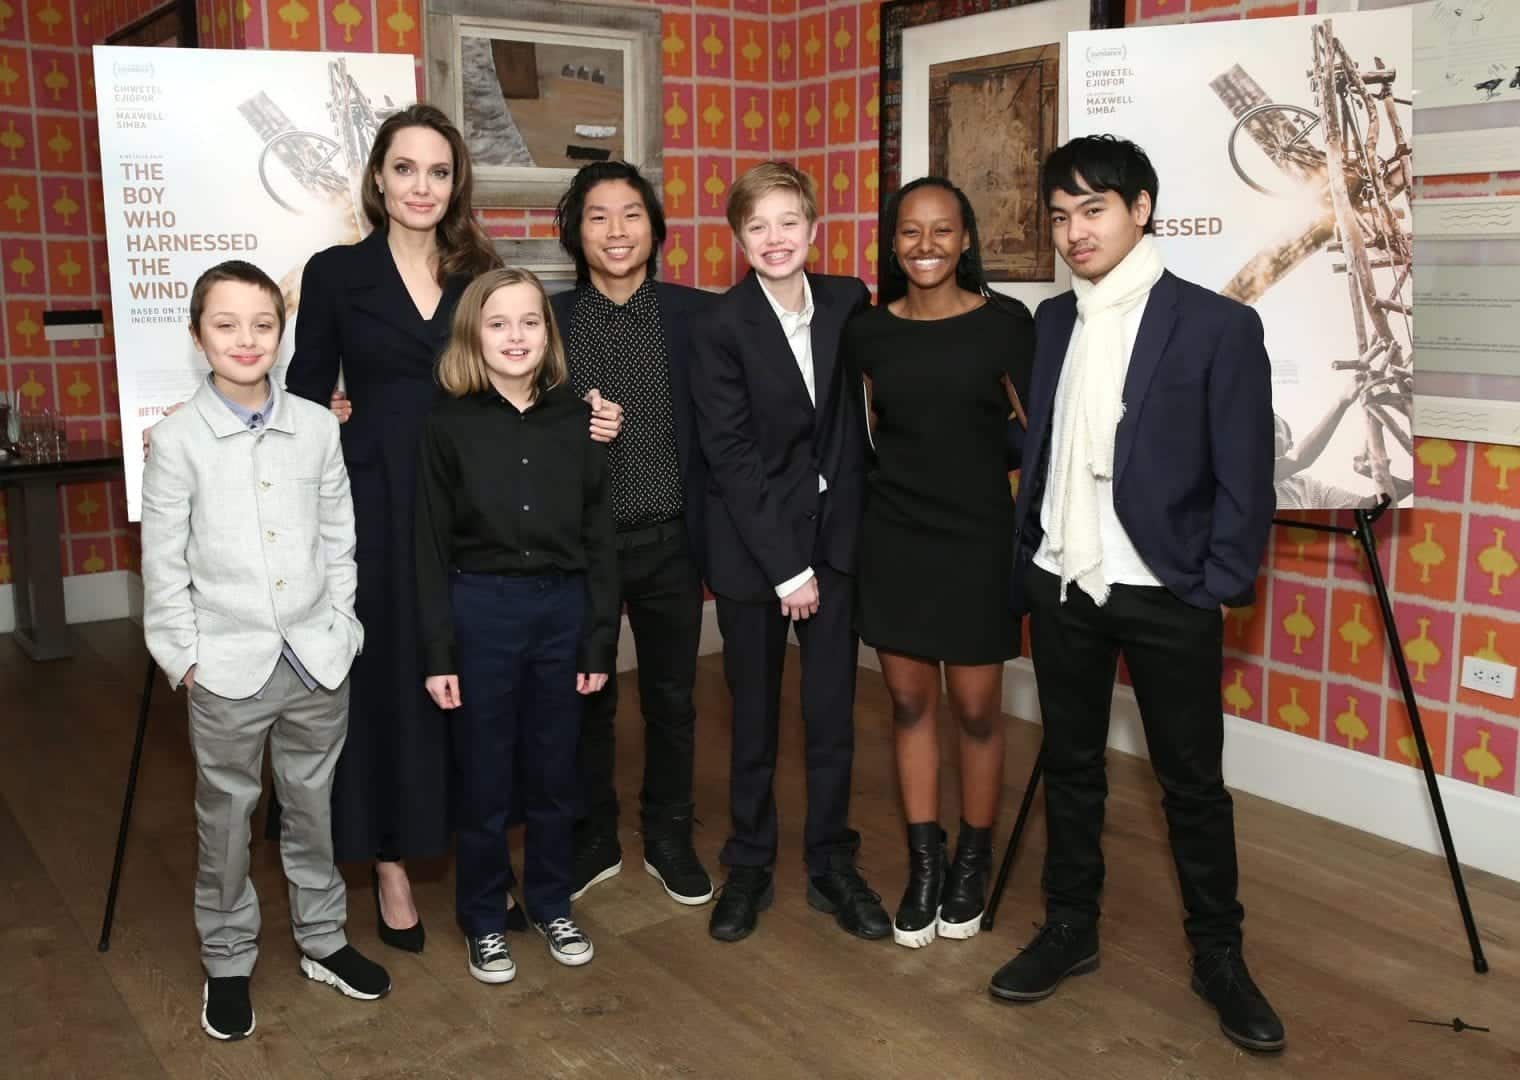 Filhos de Angelina Jolie - Quem são os 6 filhos da prole Jolie-Pitt?